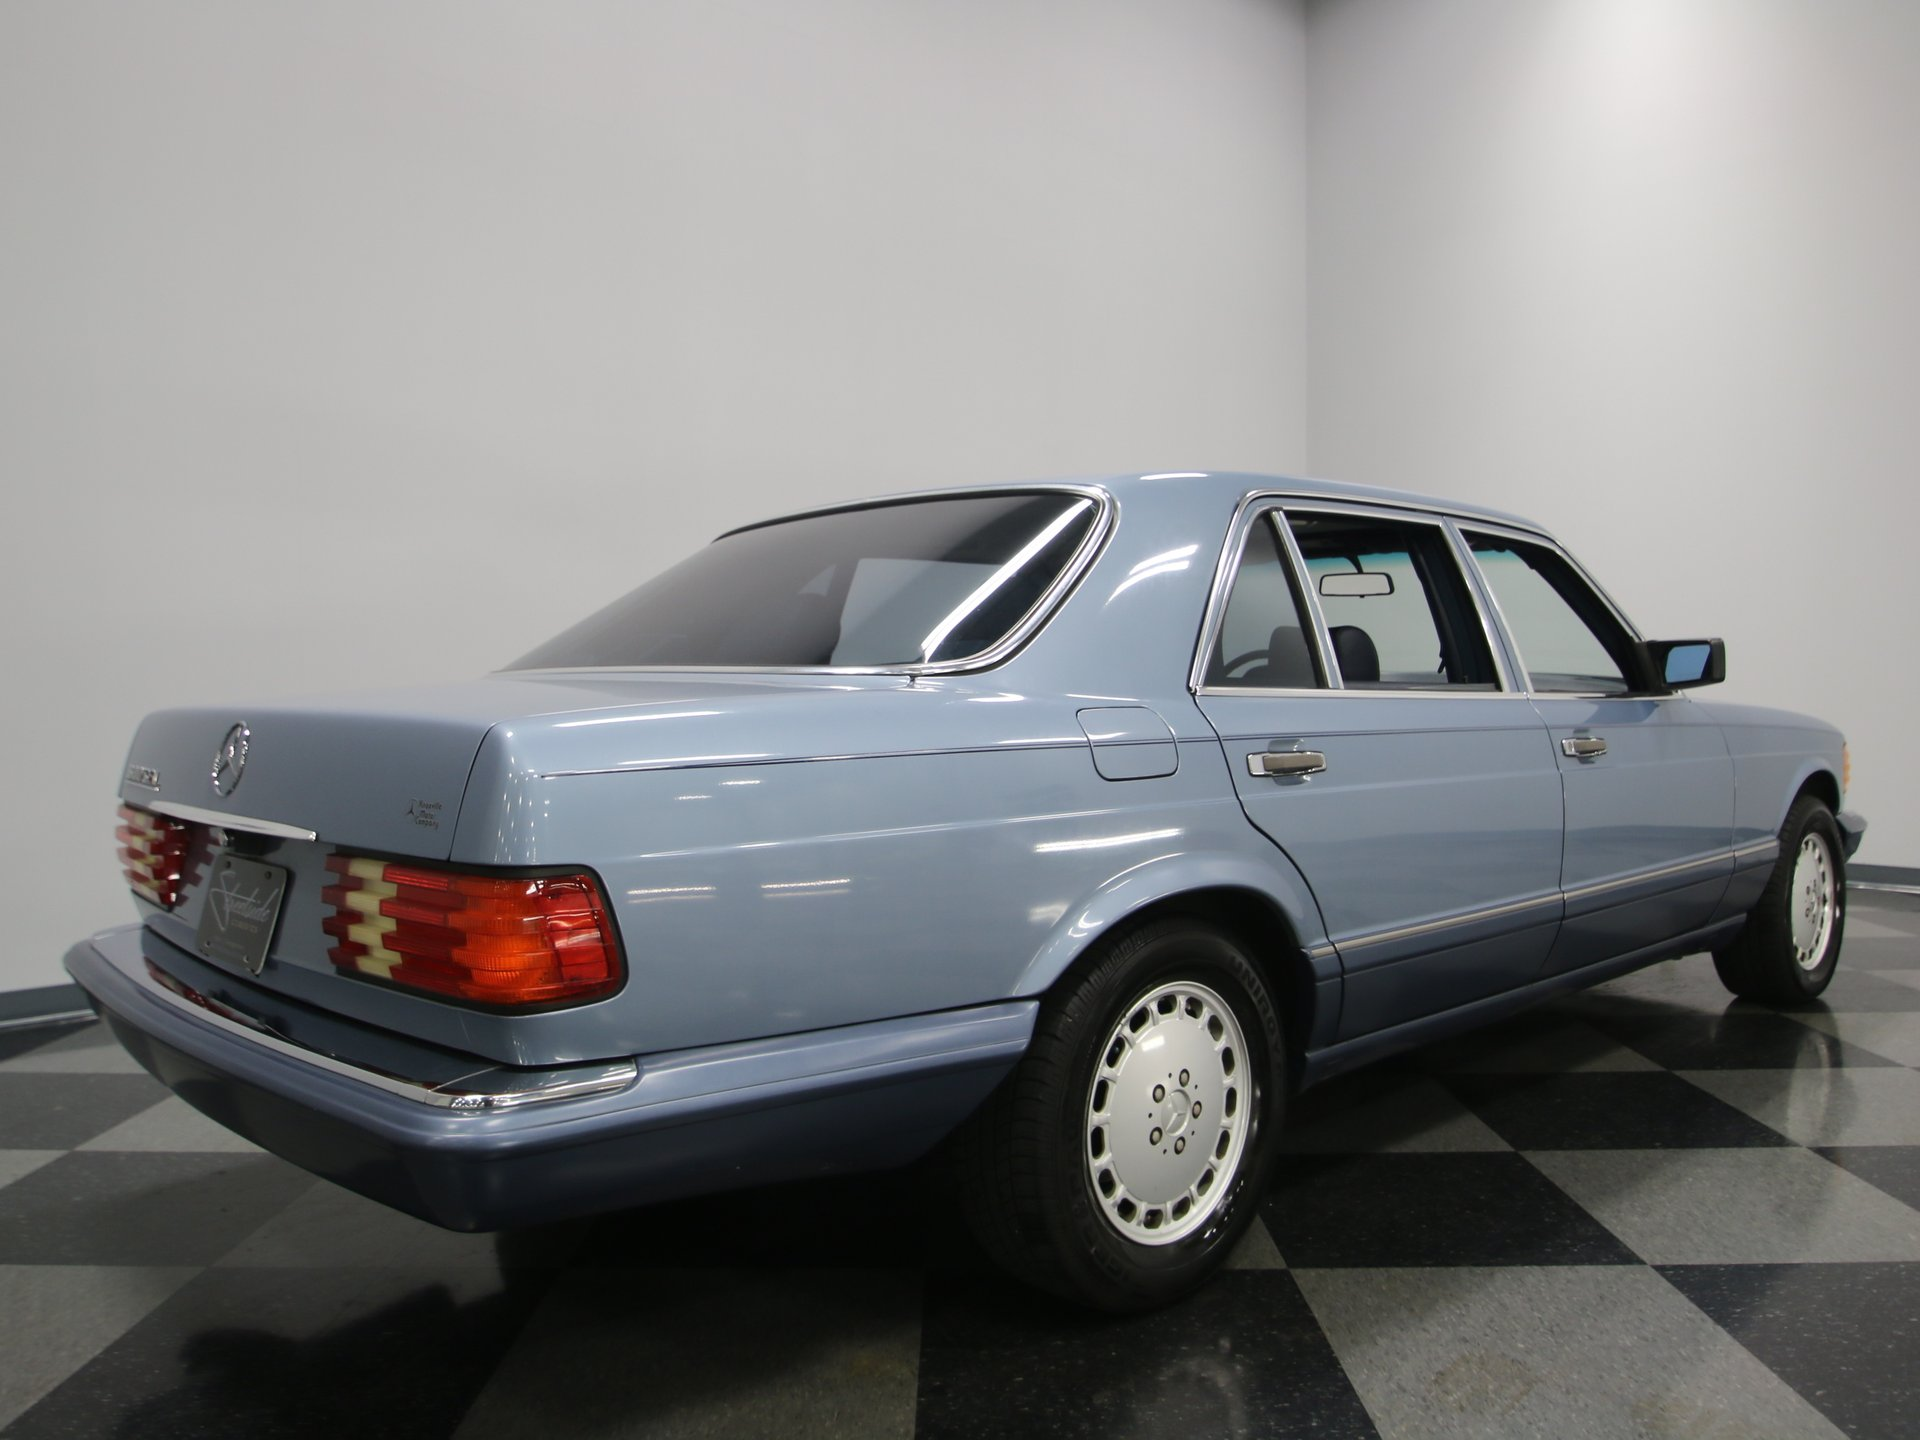 1989 Mercedes-Benz 300 SEL | Streetside Classics - The